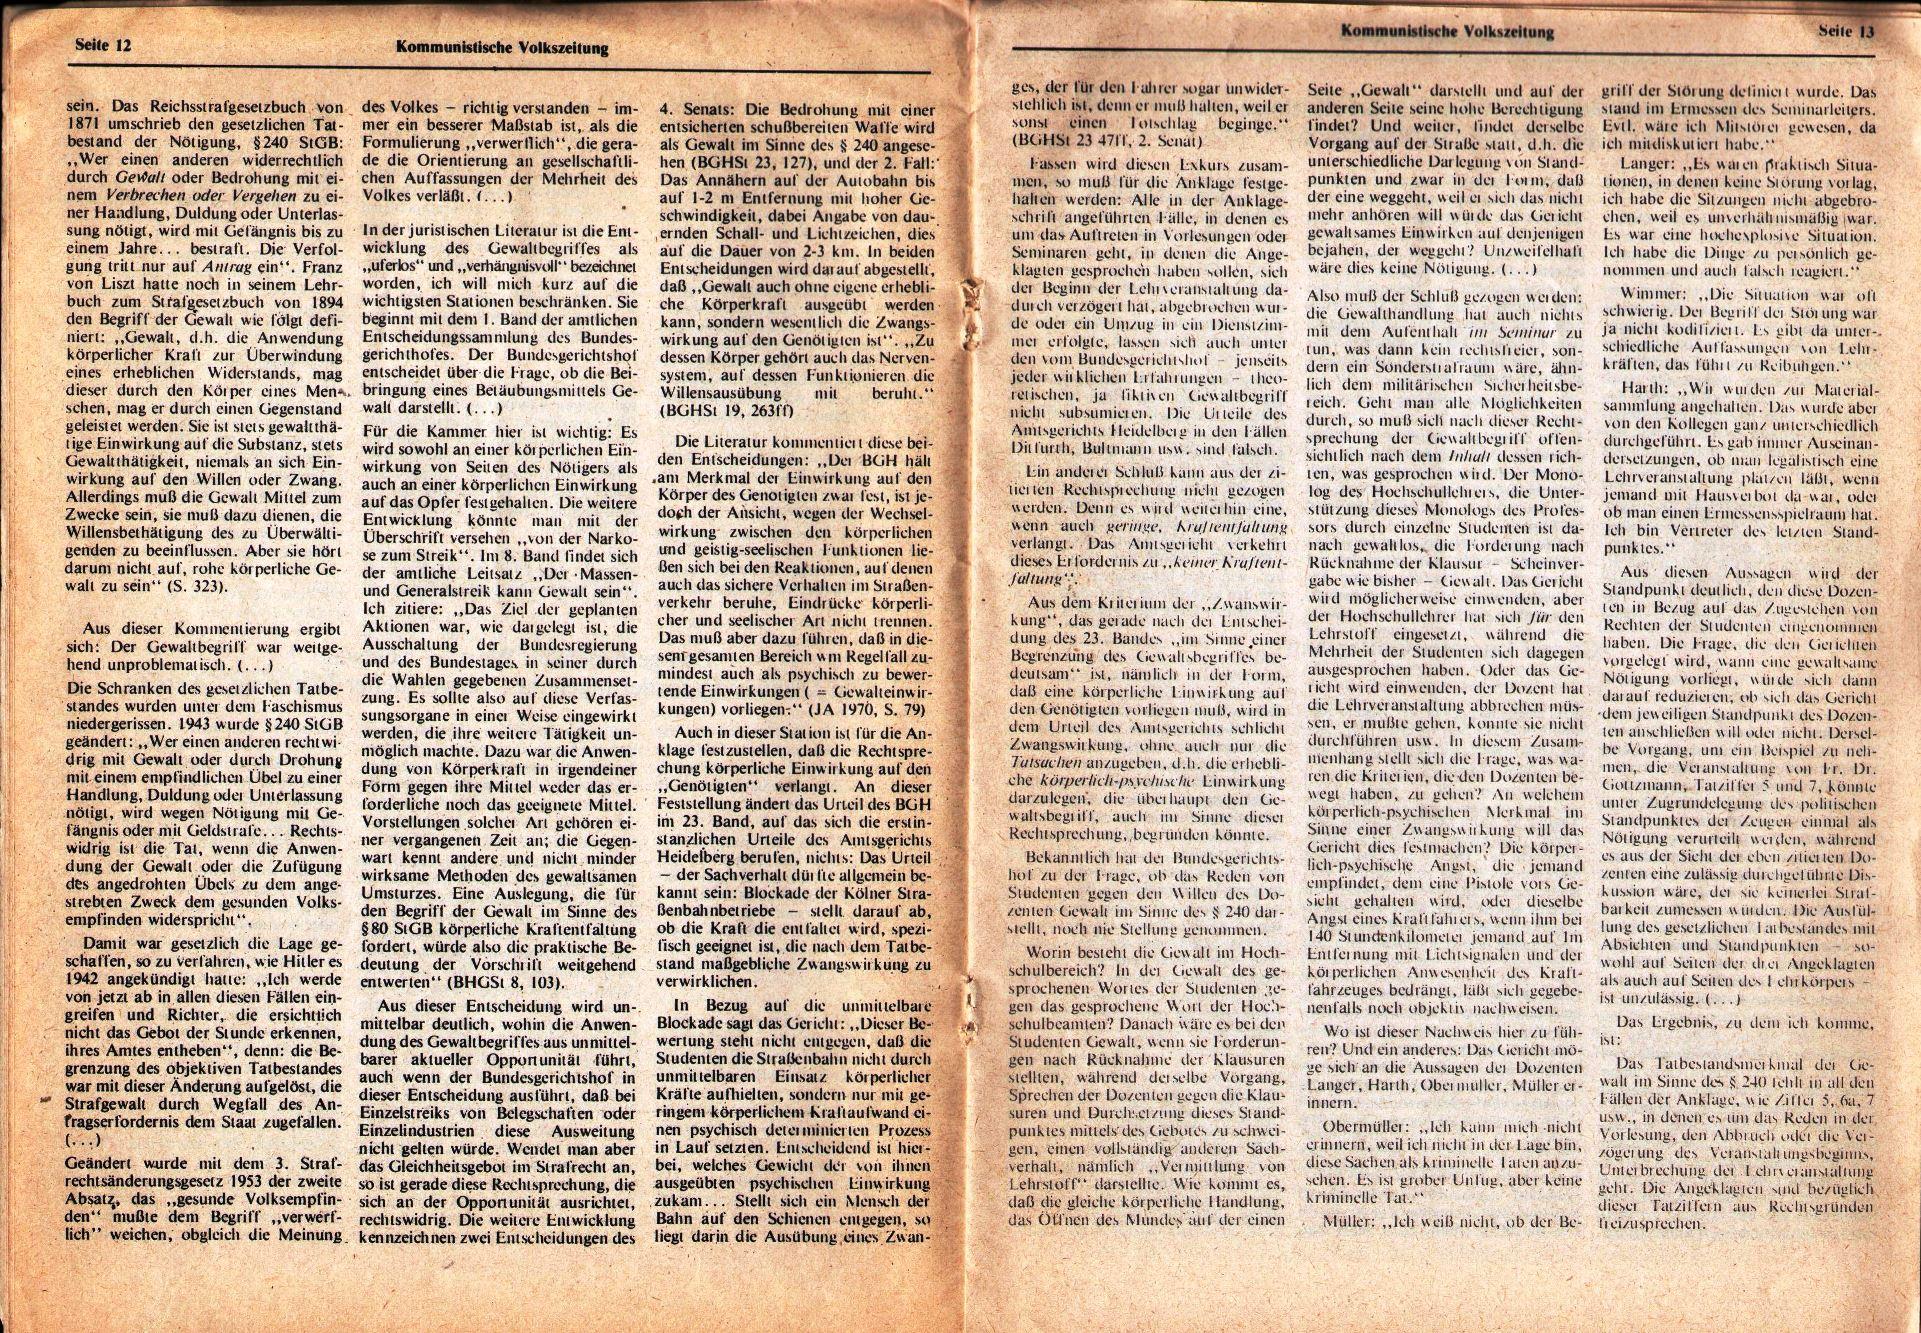 Heidelberg_KHG_1980_Germanistenprozess007